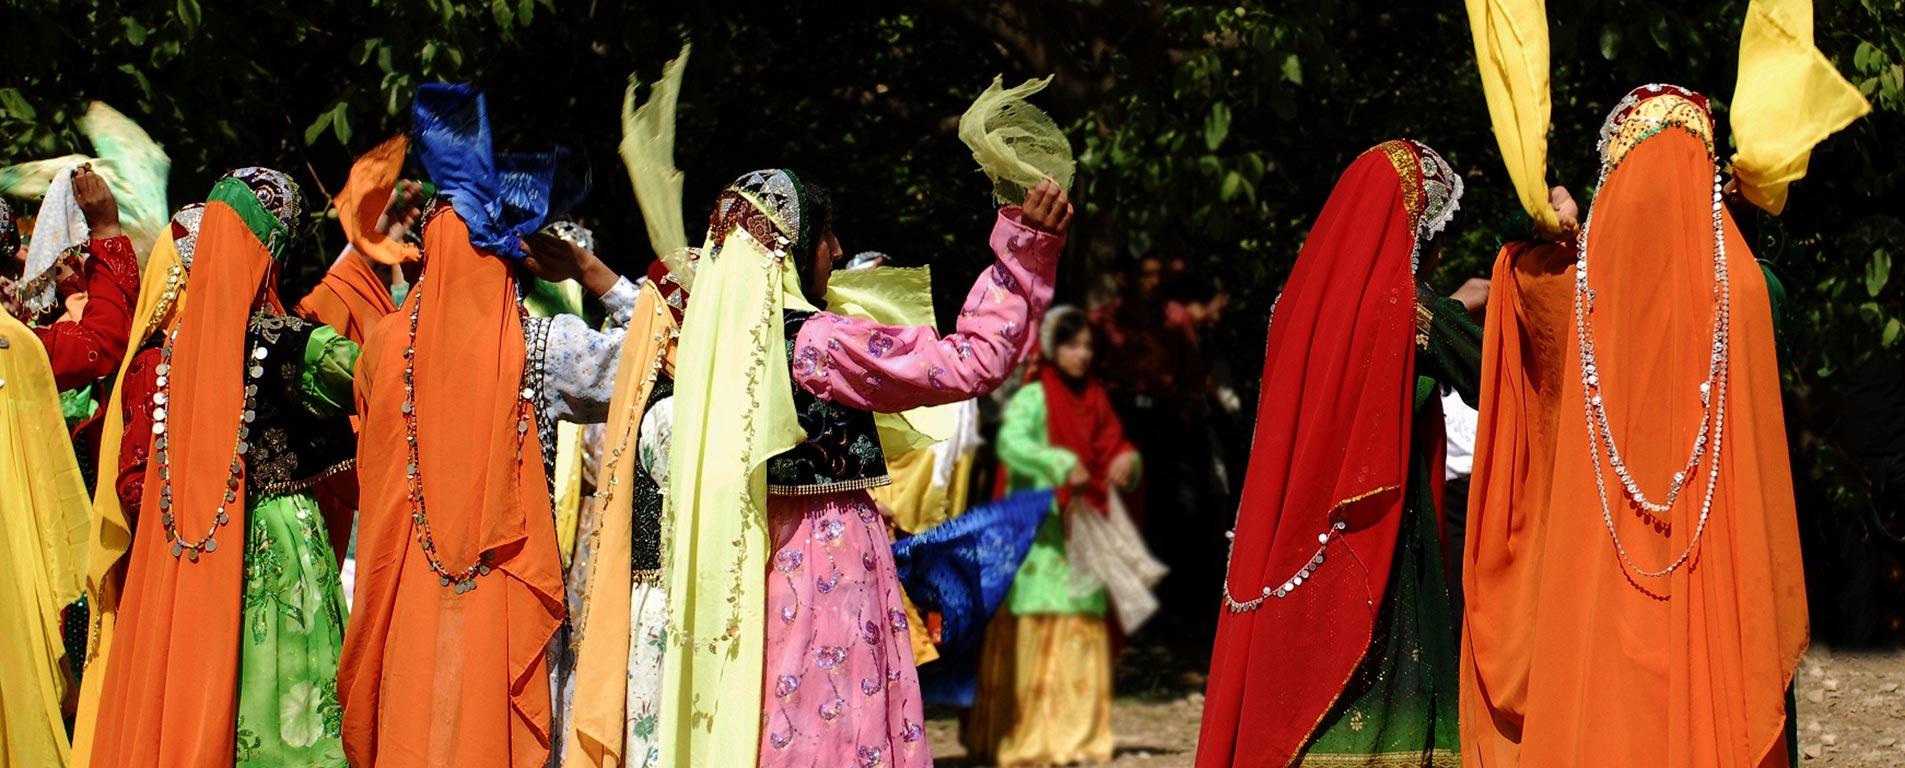 لباس های محلی ایران ، جلوهای از تنوع قومی و فرهنگی